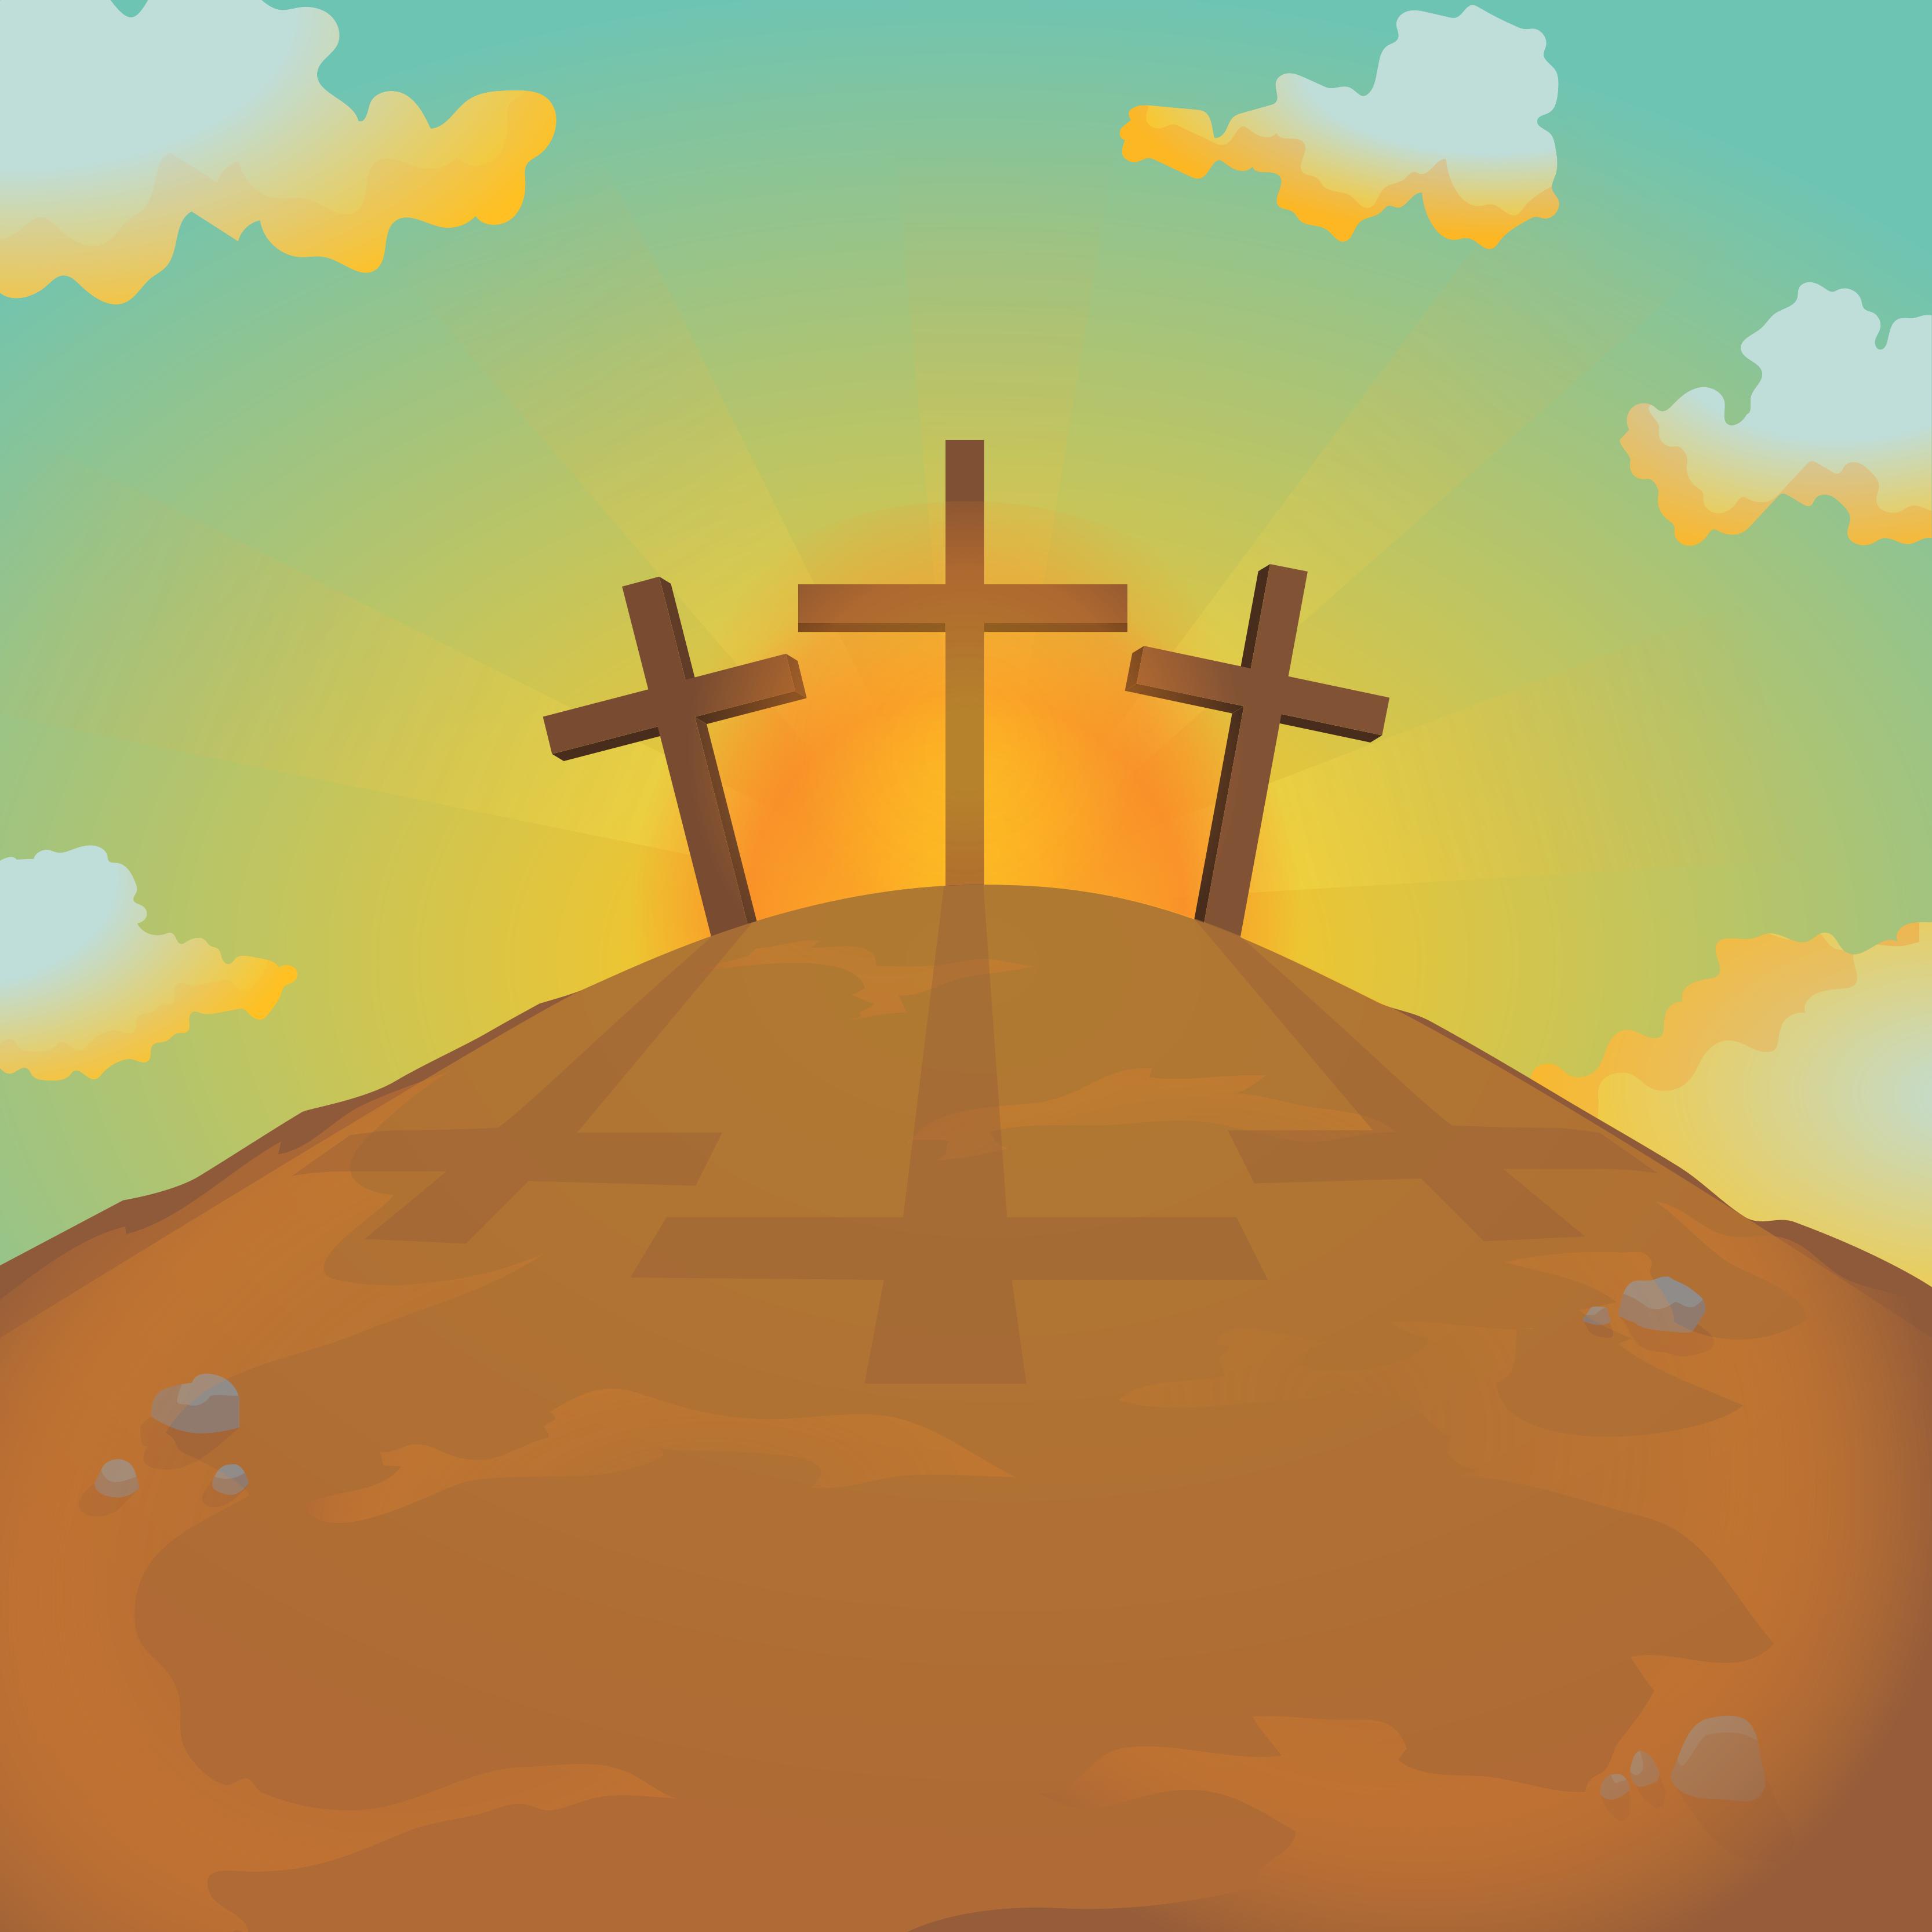 asx-pph-pushpay-church-cross-faith-prayer-mountain-holy